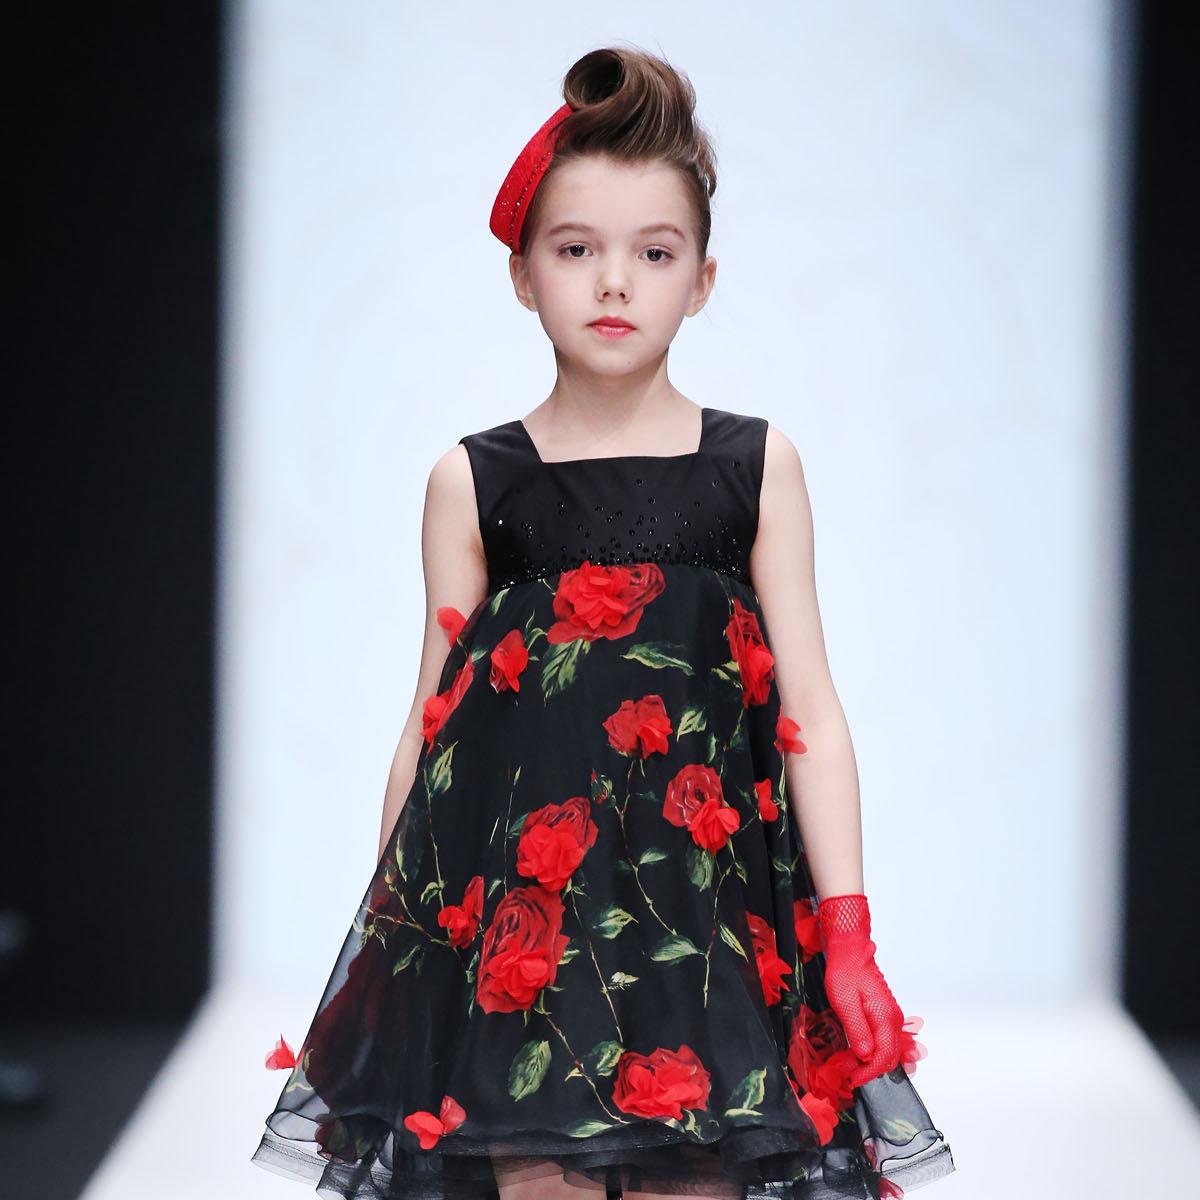 Вязаная детская мода 2018 фото